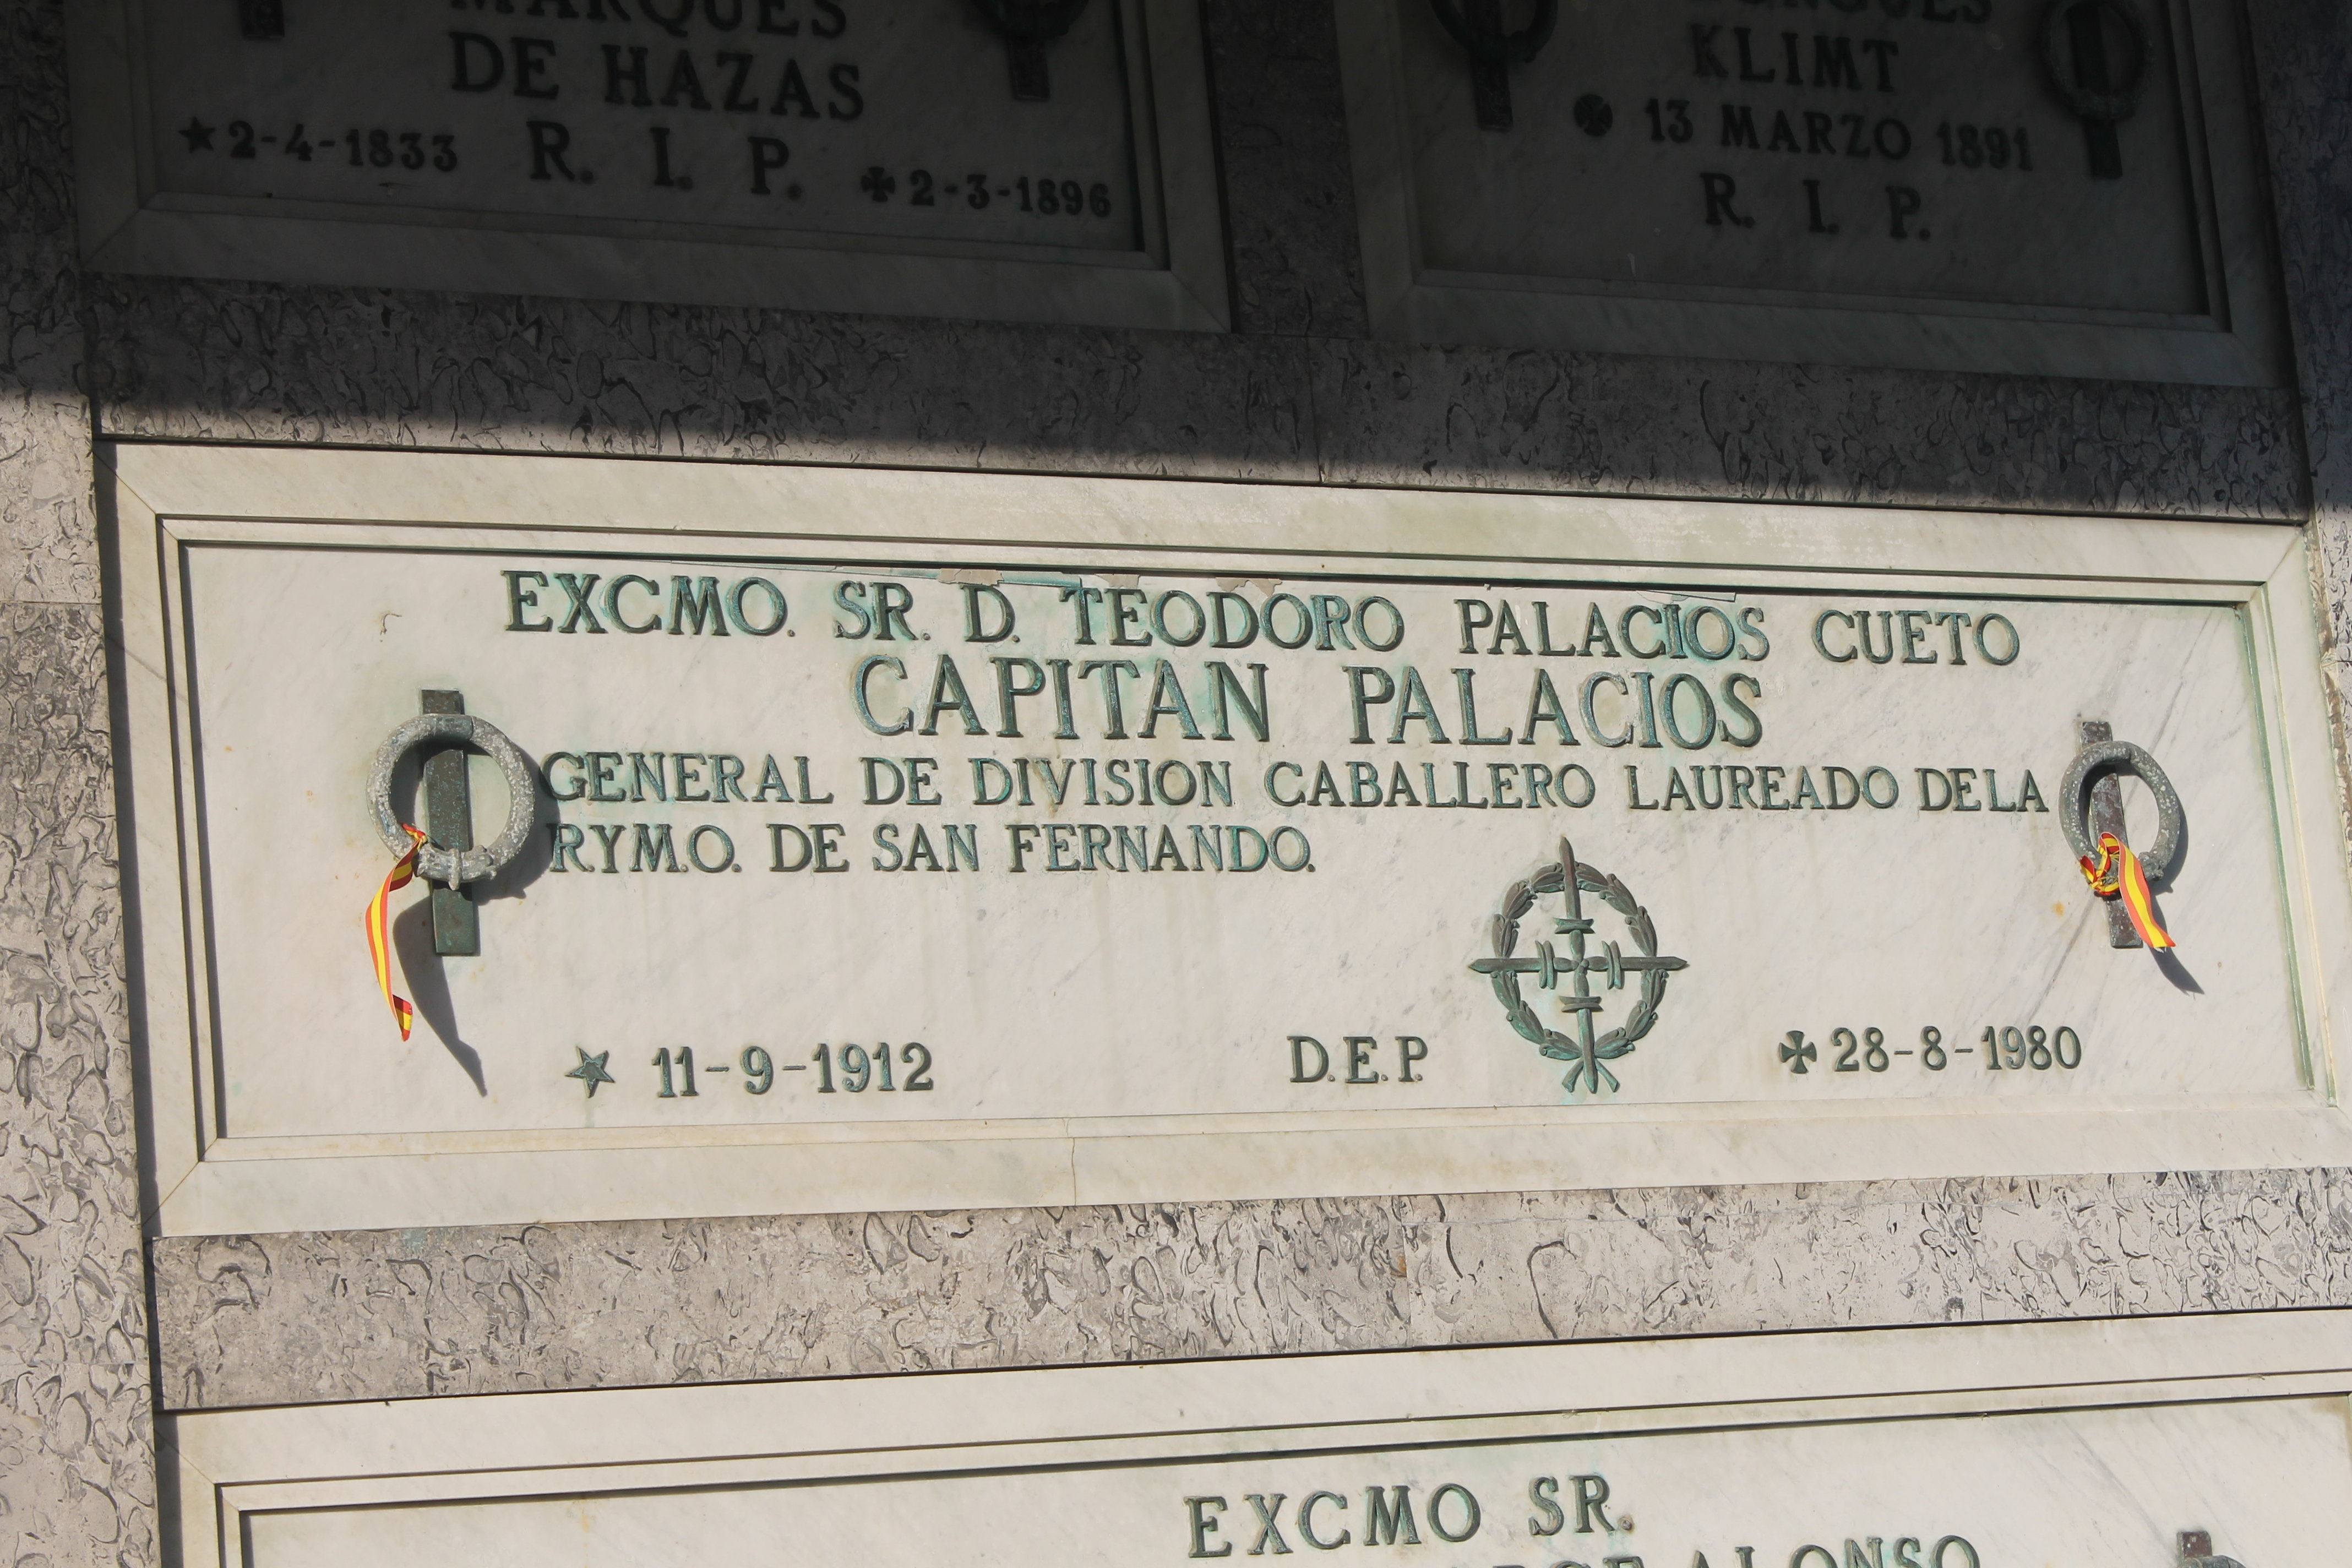 Tumba del Capitán Palacios en el conocido como Panteón de los Ilustres del cementerio de Ciriego, en Santander